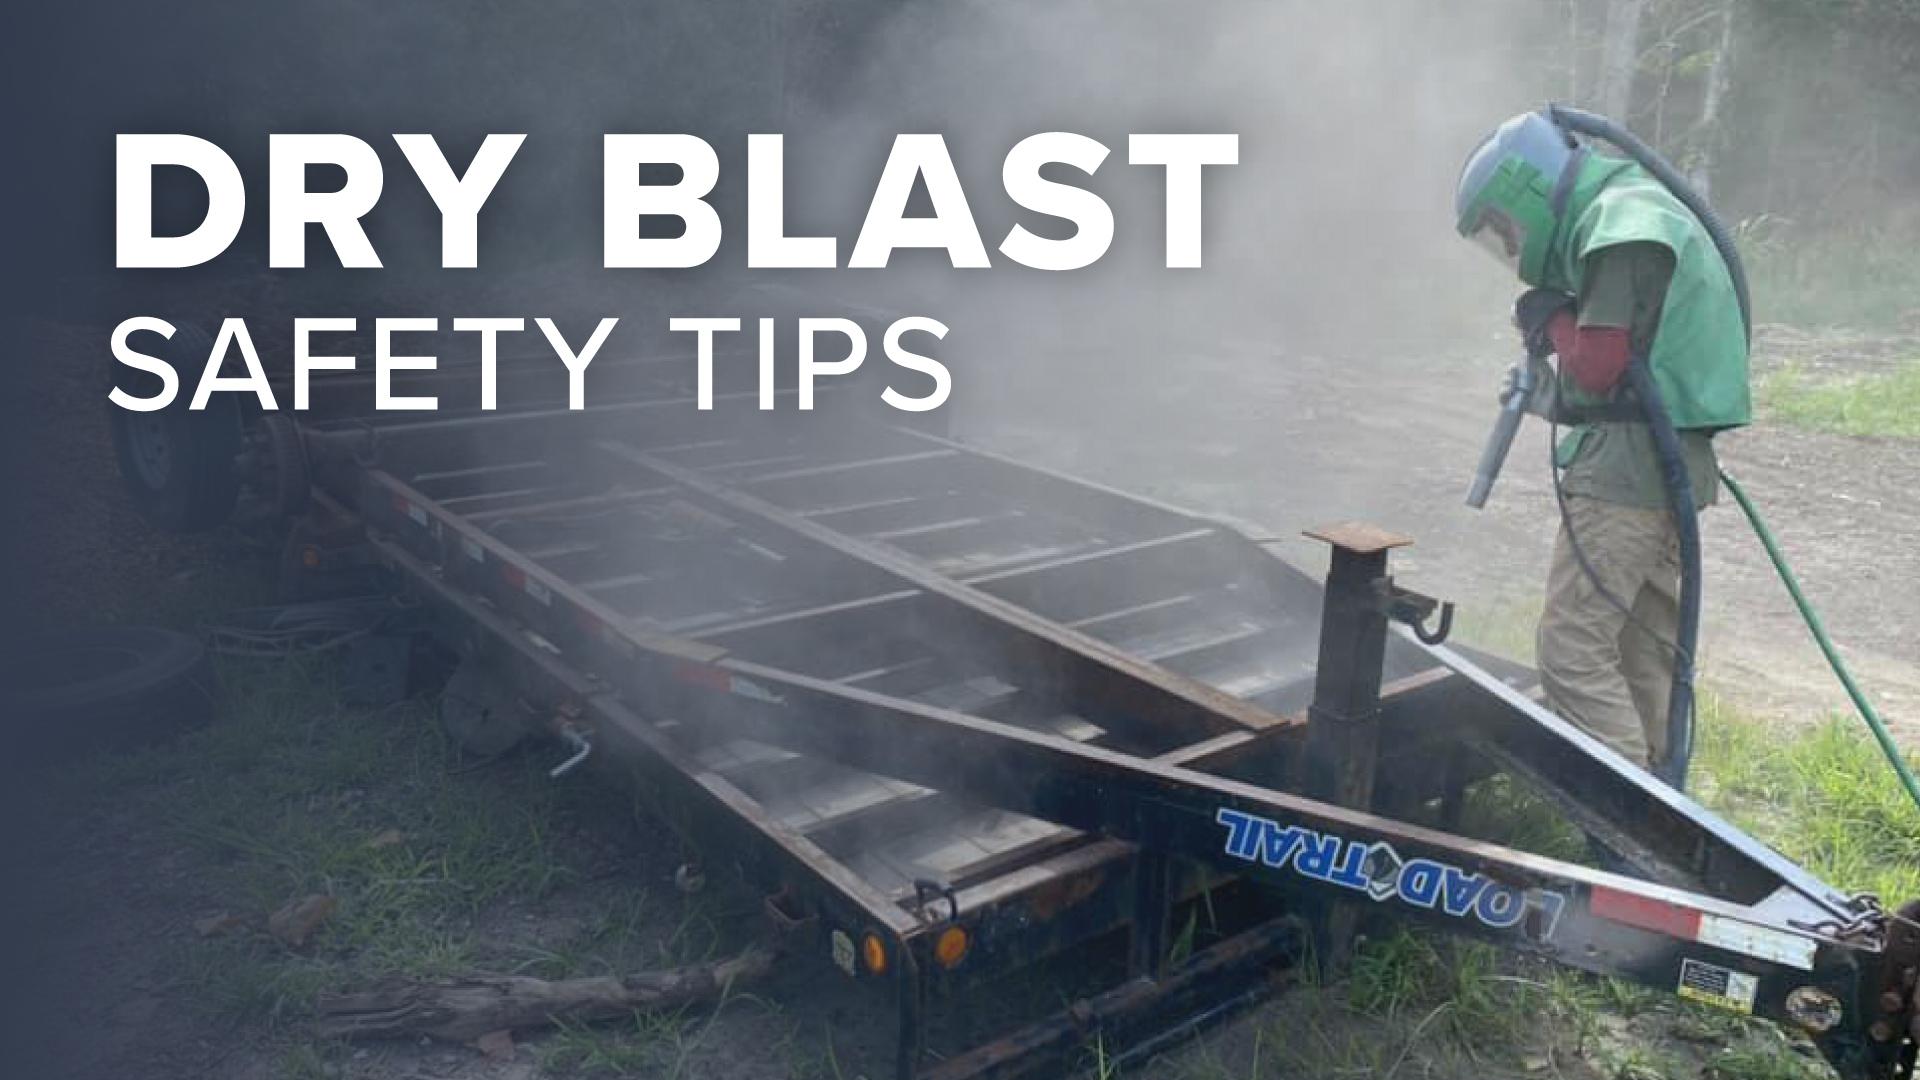 DRY-BLAST-SAFETY-TIPS